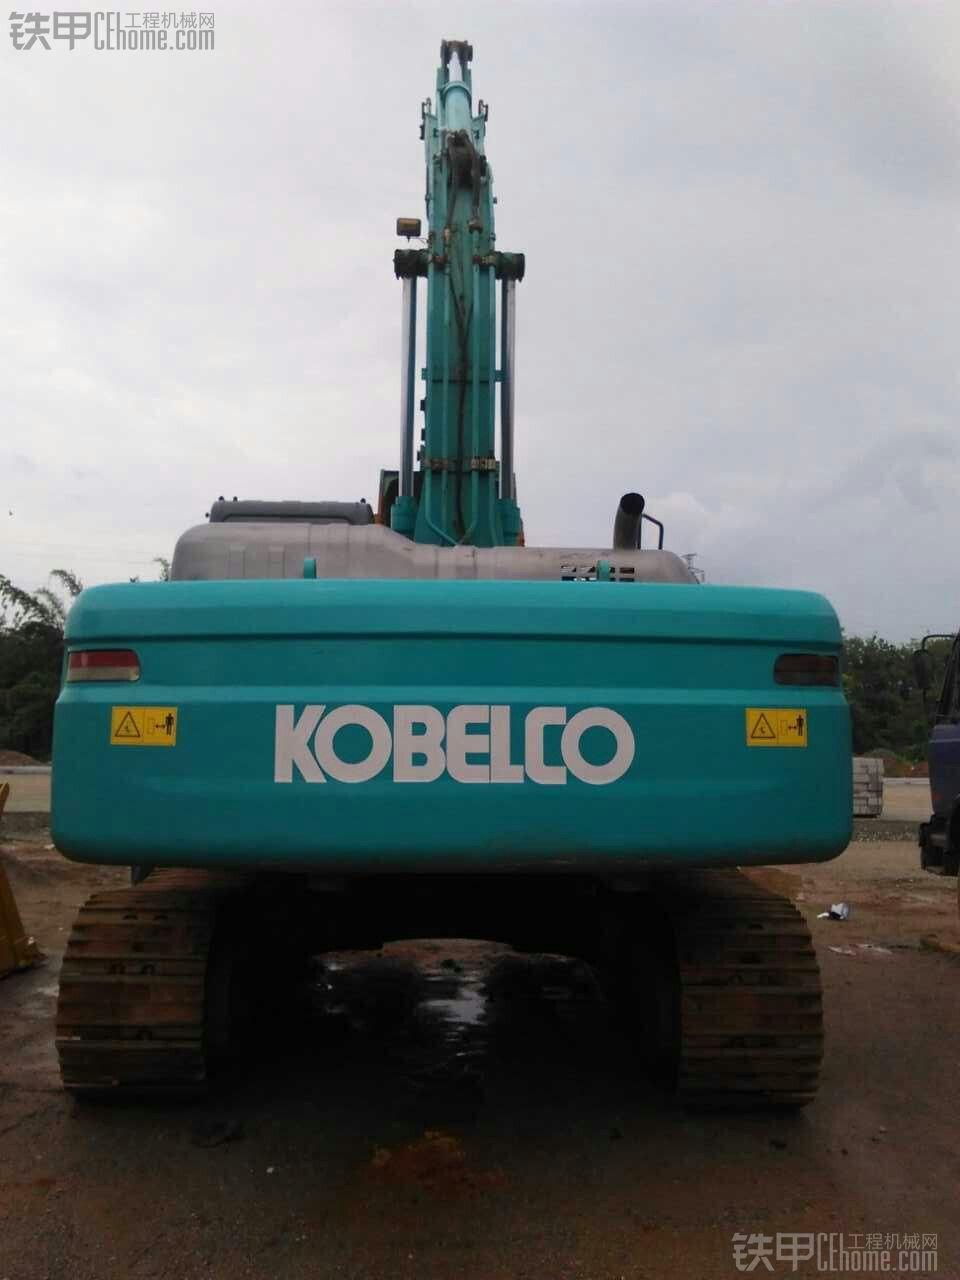 神钢 SK350 挖掘机 6000小时 68万